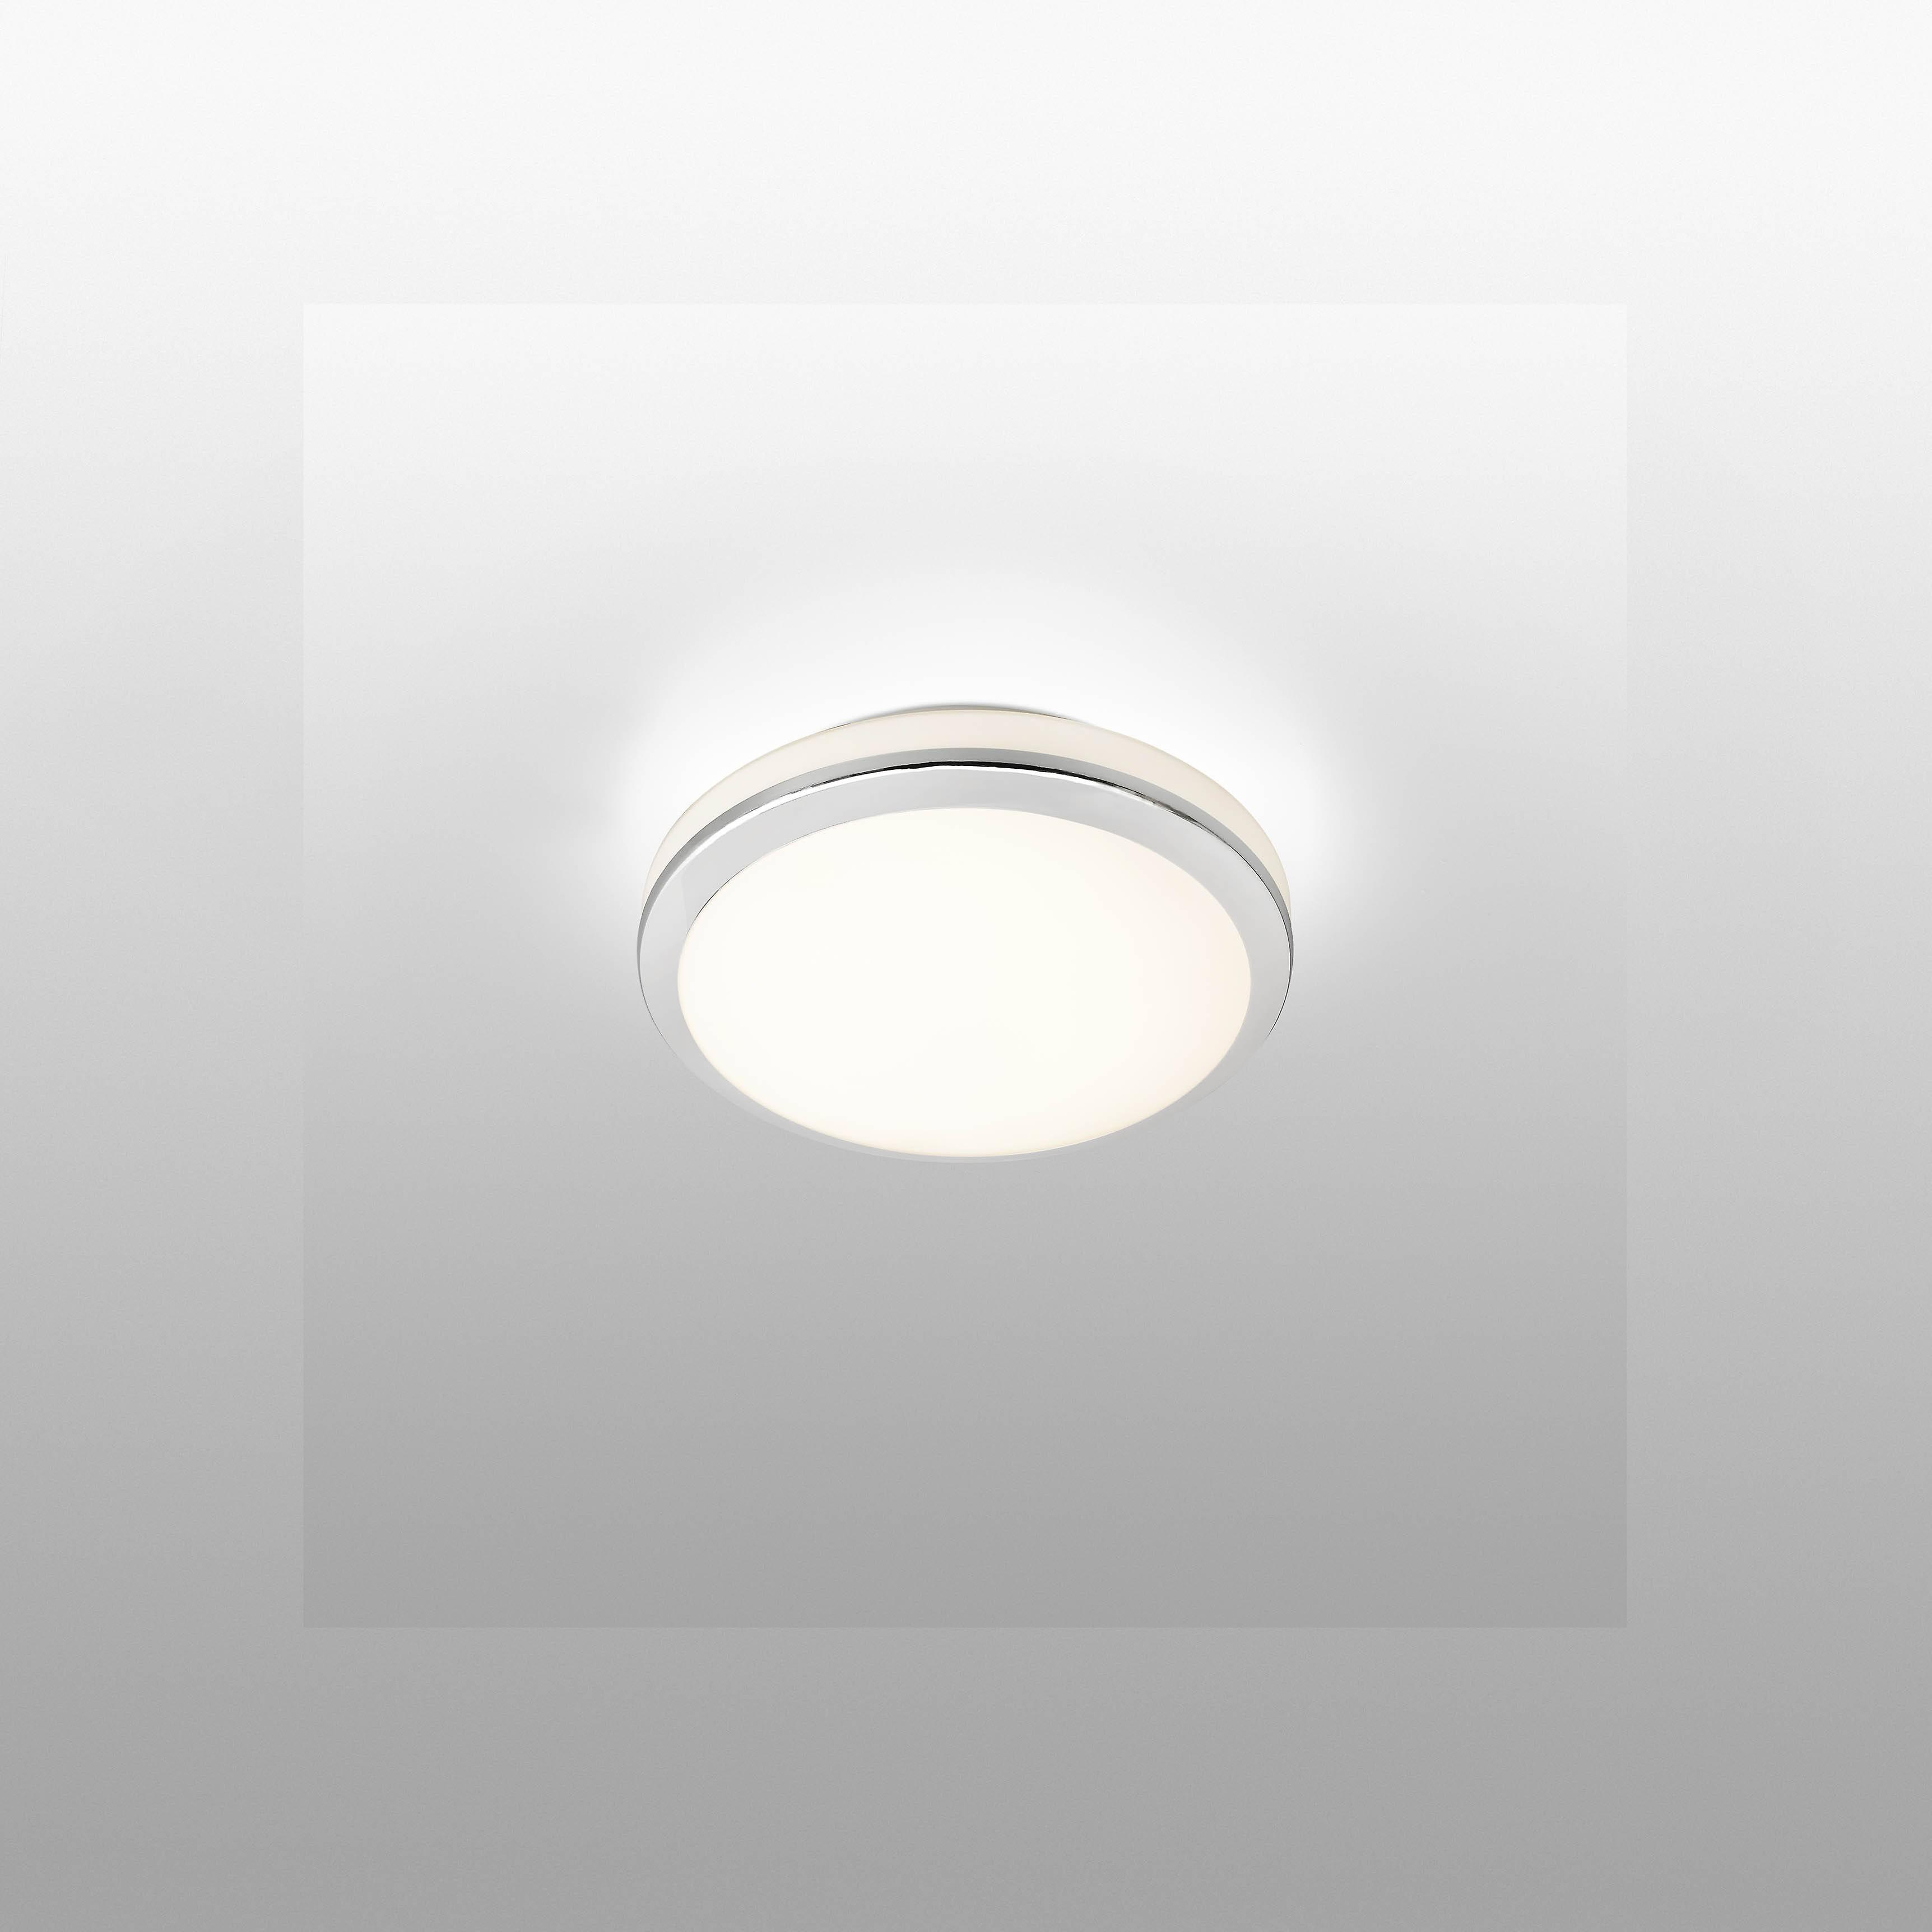 Faro Cloe - LED Bathroom Flush Ceiling Light Chrome, White IP44